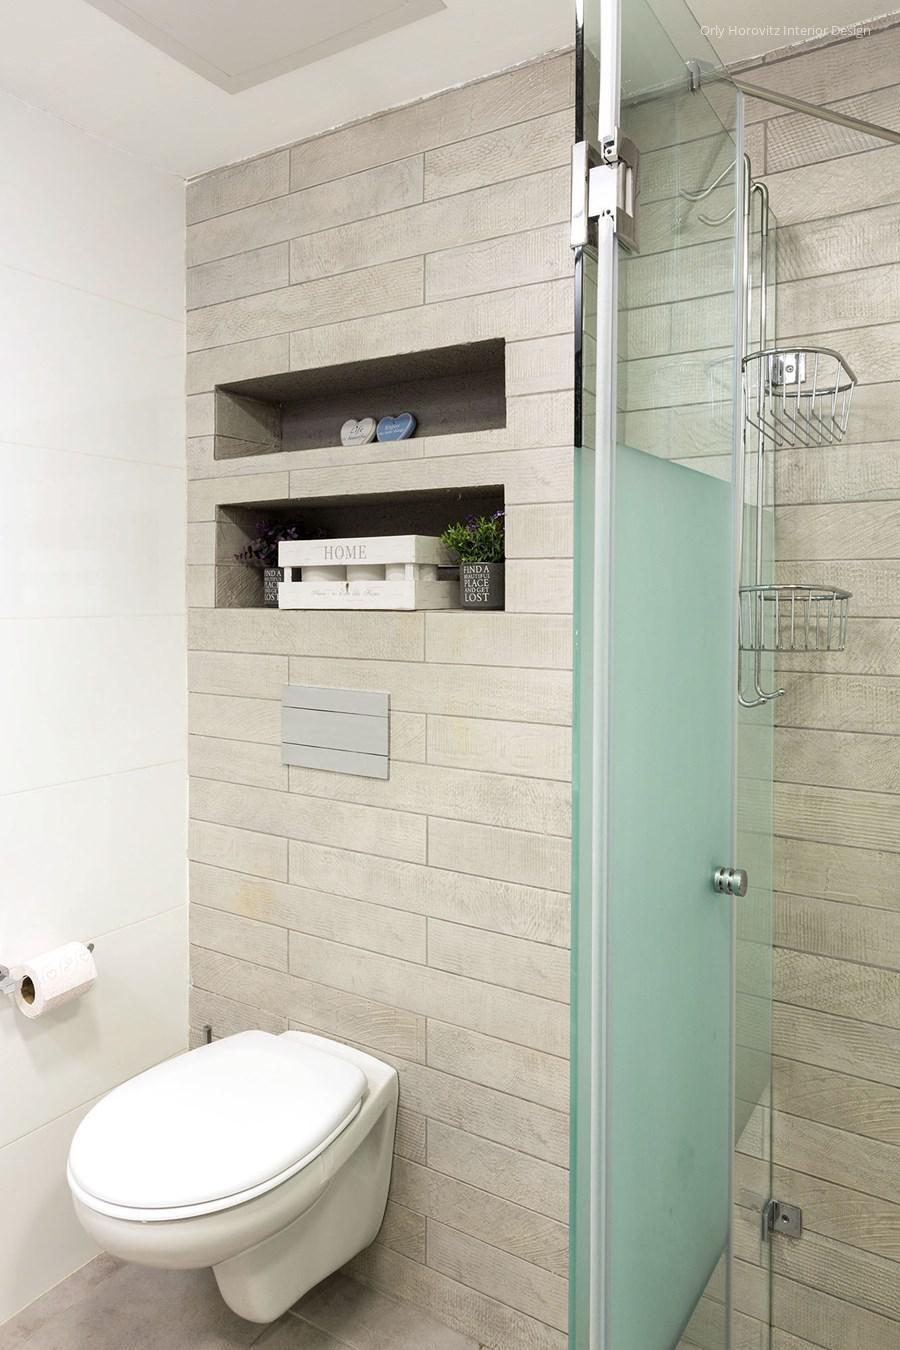 Kicsi fürdőszoba zuhanyfülkével // HOMEINFO.hu - Inspirációtár